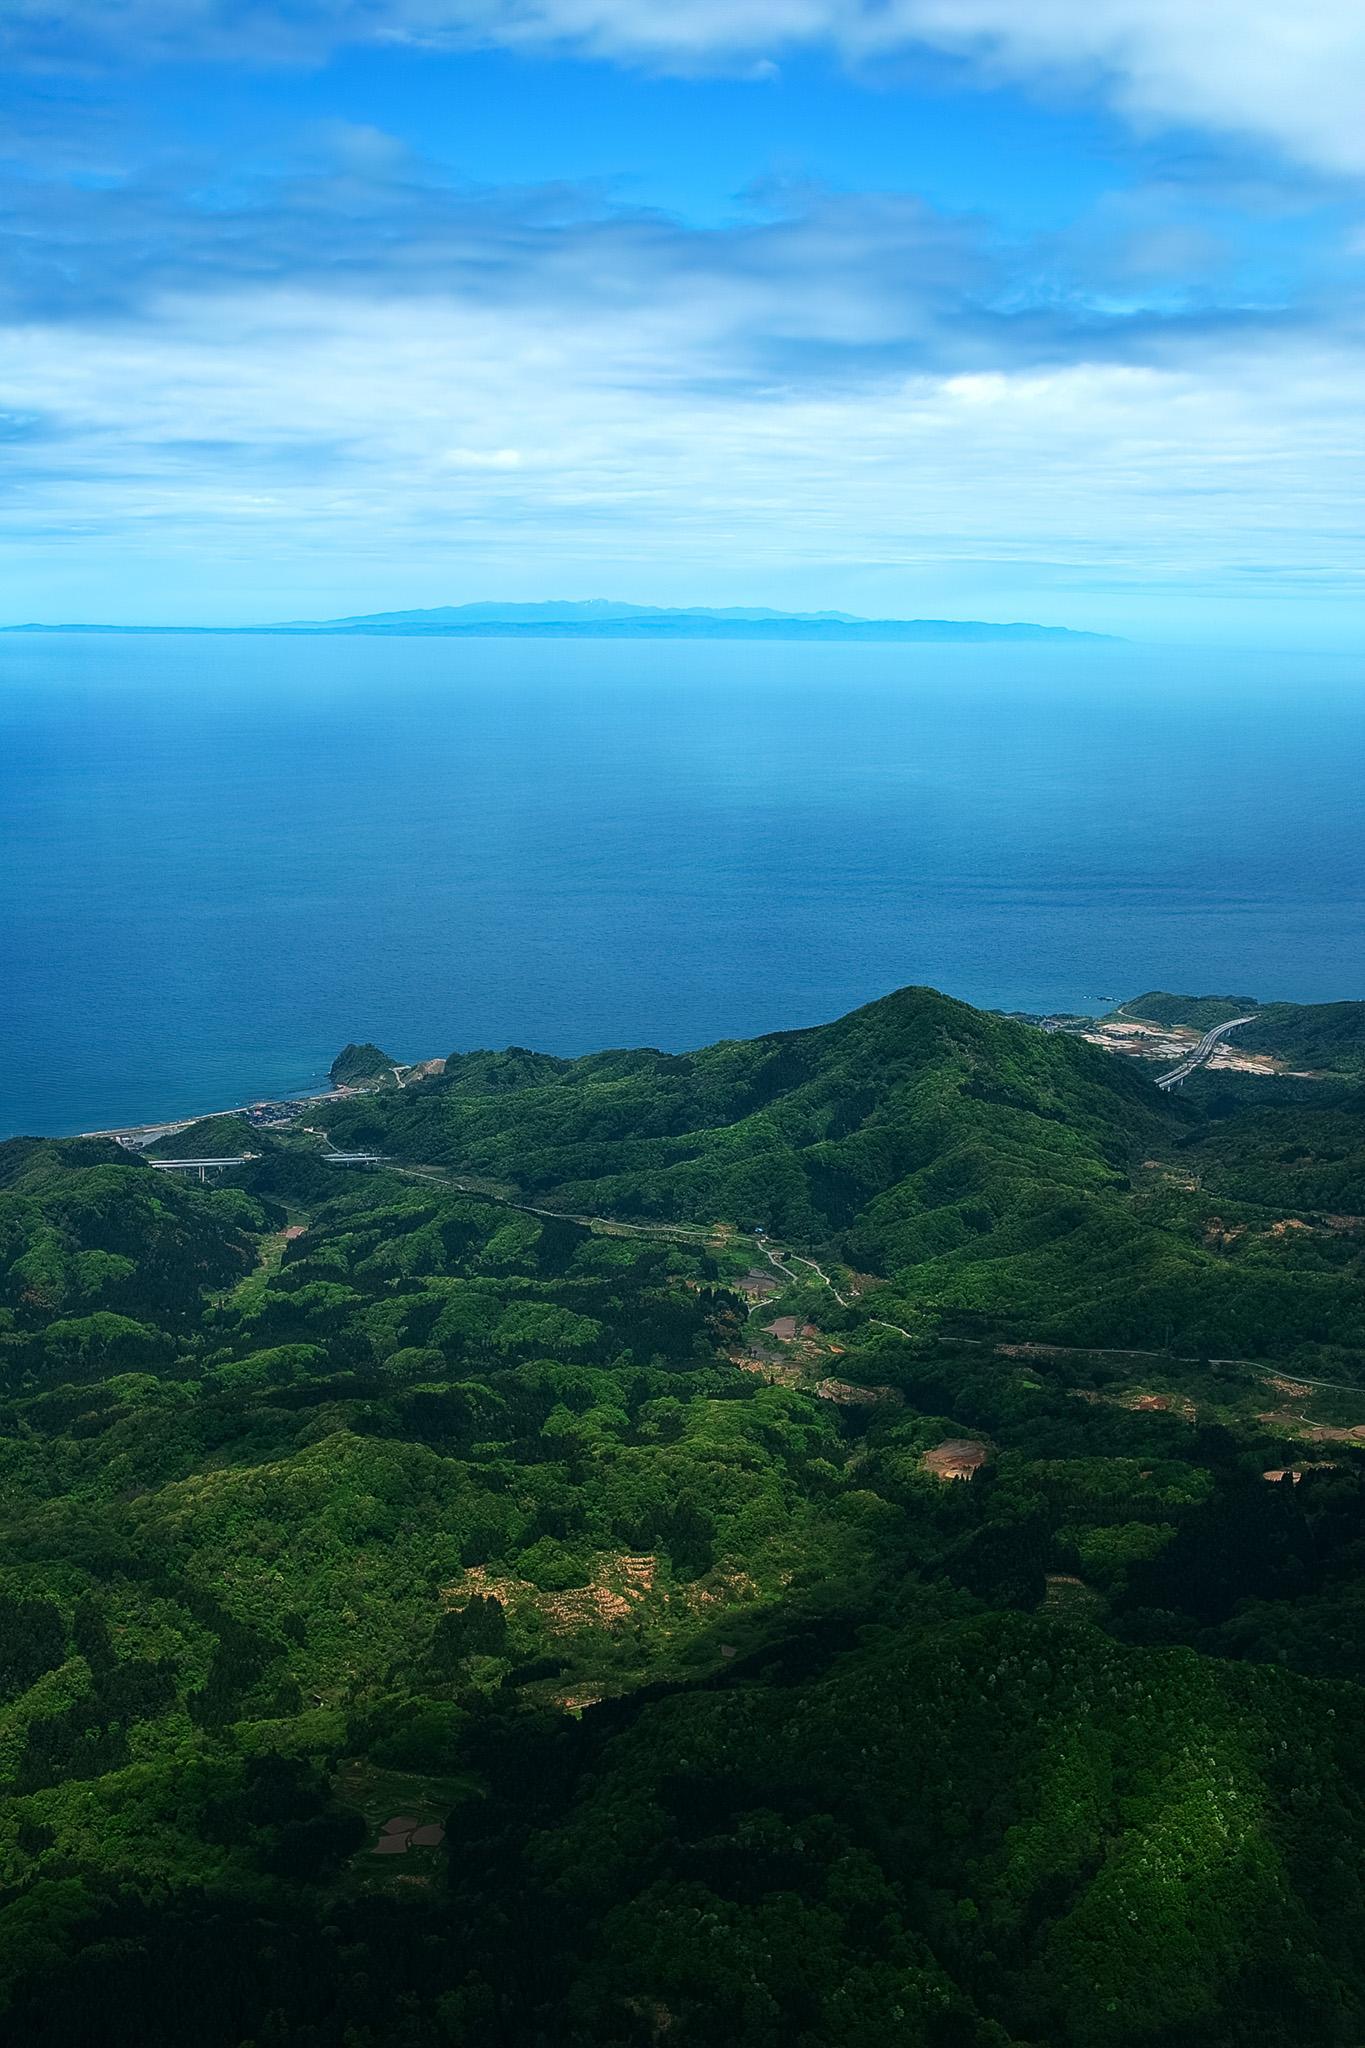 「山の向こうに見える海」